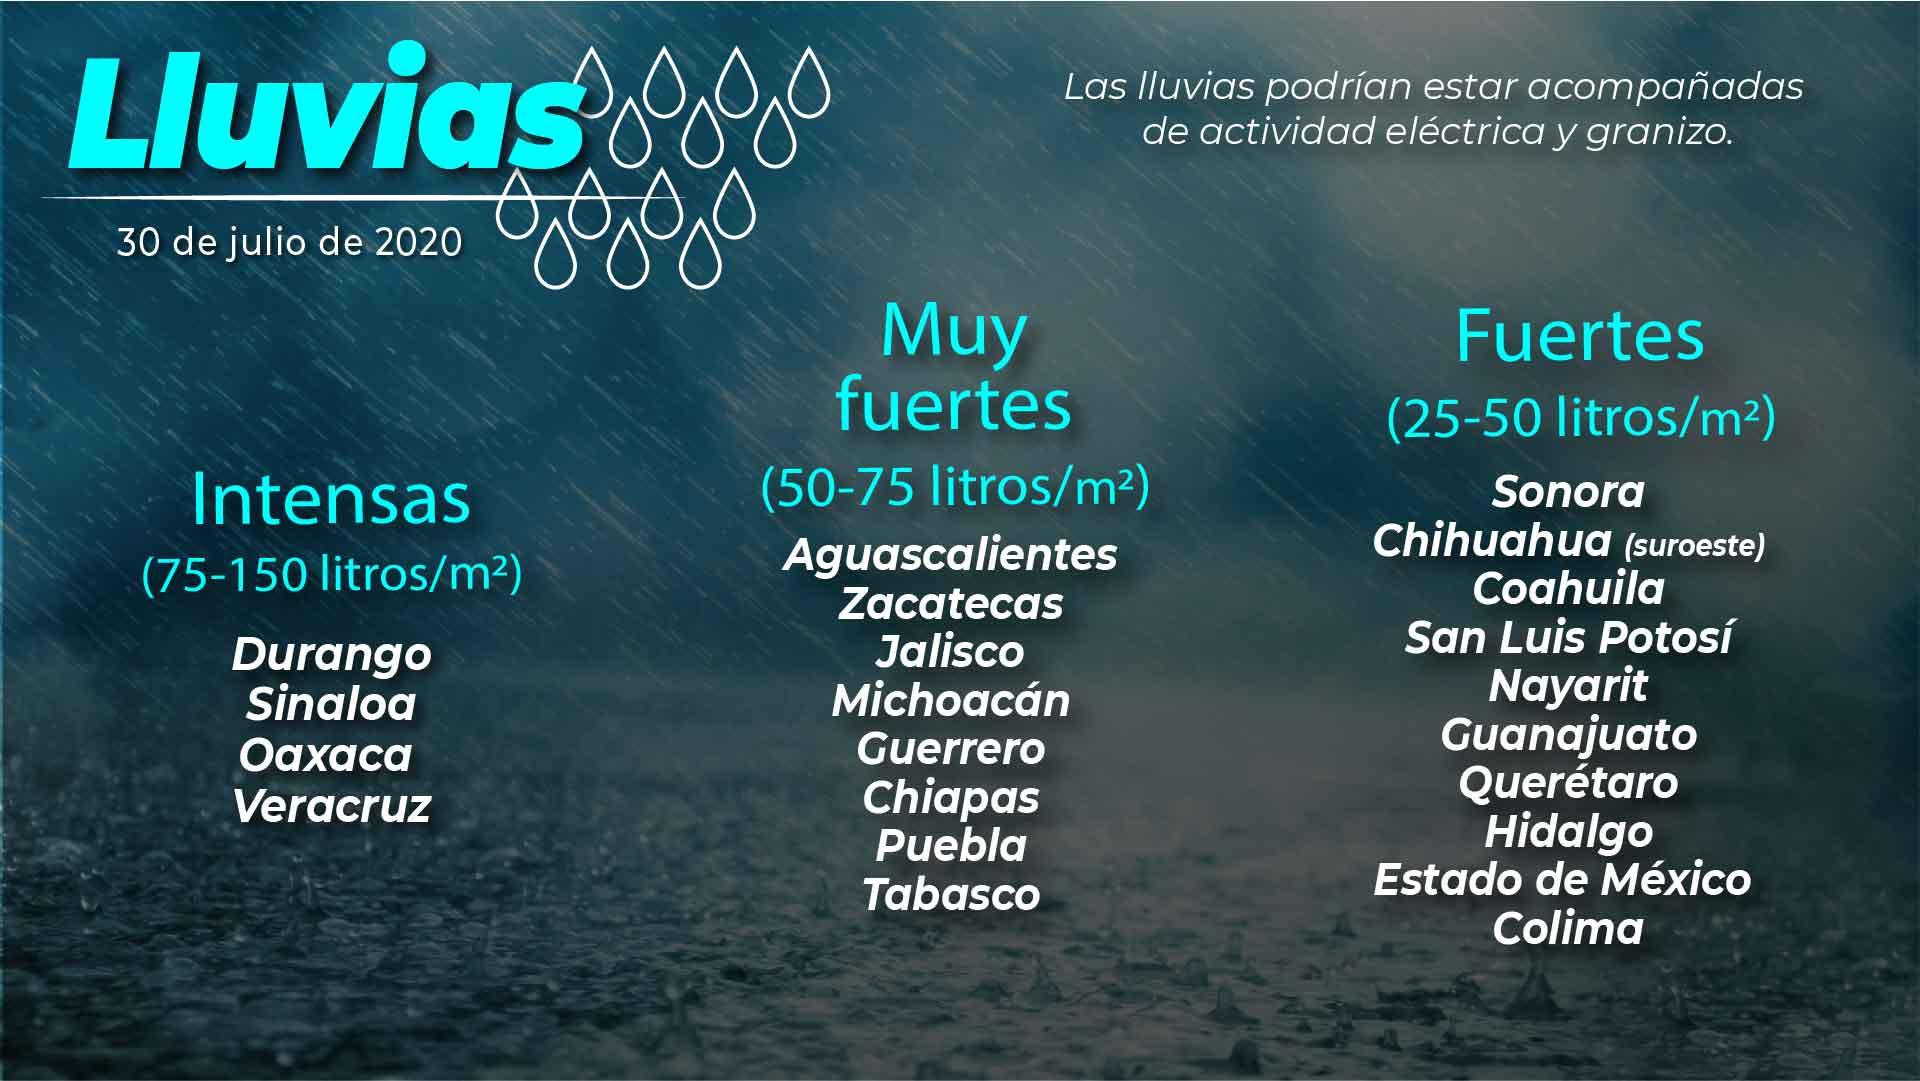 Para Durango, Oaxaca, Sinaloa y Veracruz, se pronostican lluvias intensas con descargas eléctricas y posible granizo